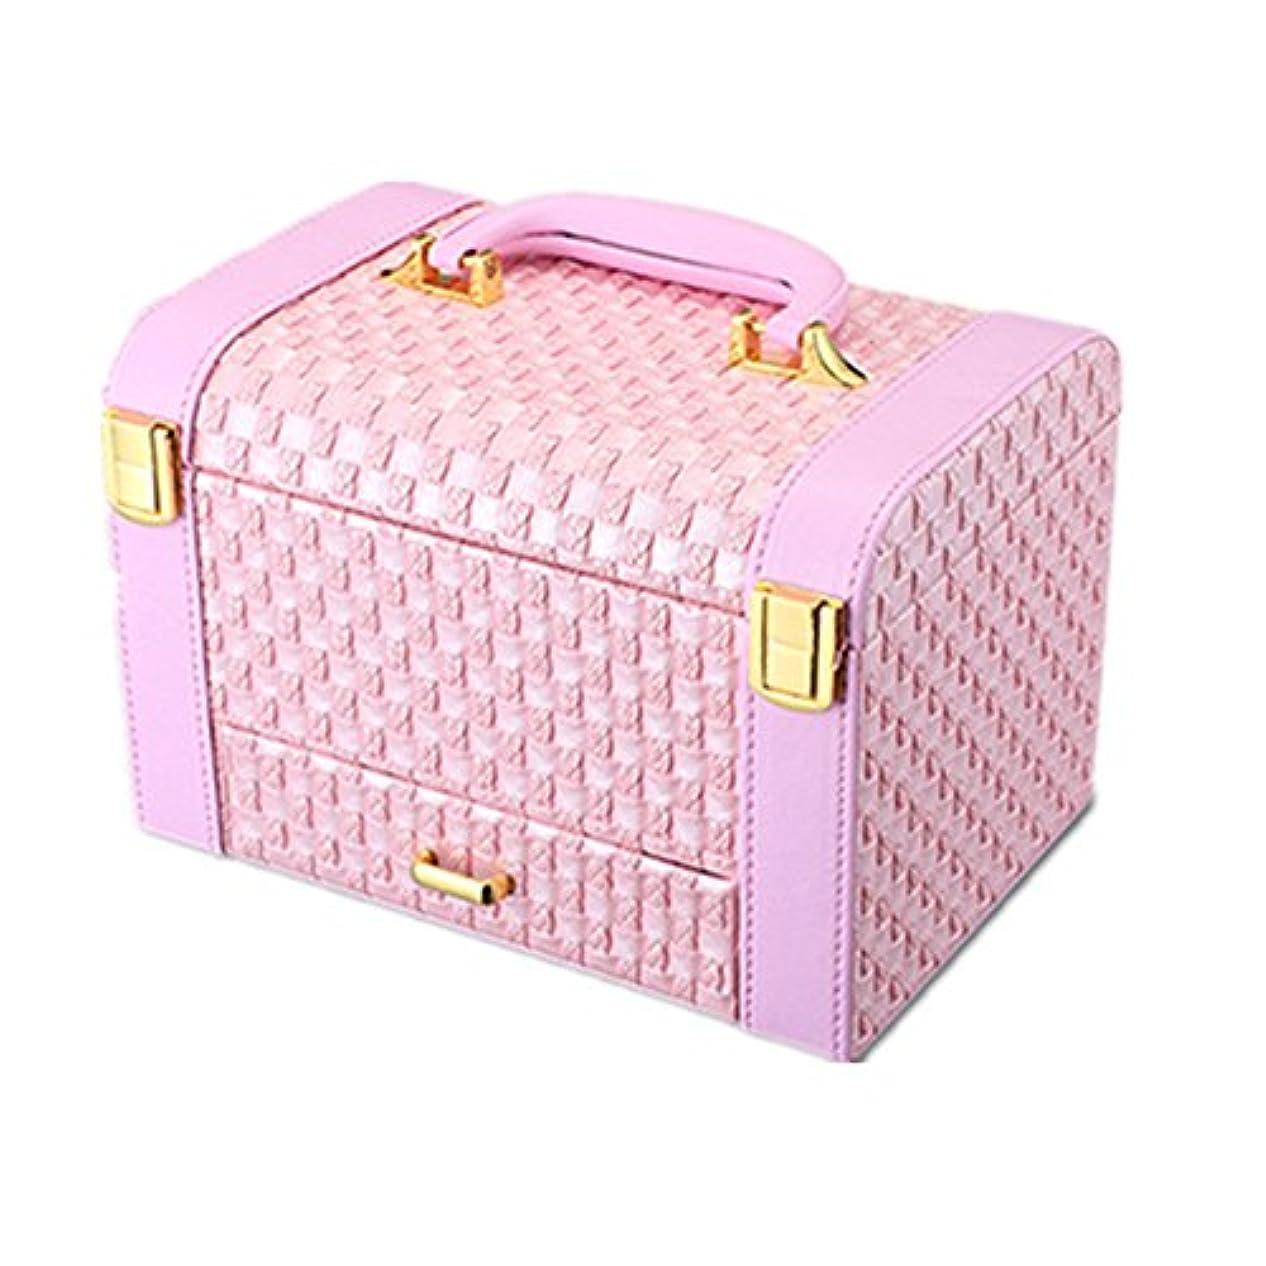 あたりはっきりと花婿化粧オーガナイザーバッグ 小さなものの種類の旅行のための美容メイクアップのポータブル化粧ケース 化粧品ケース